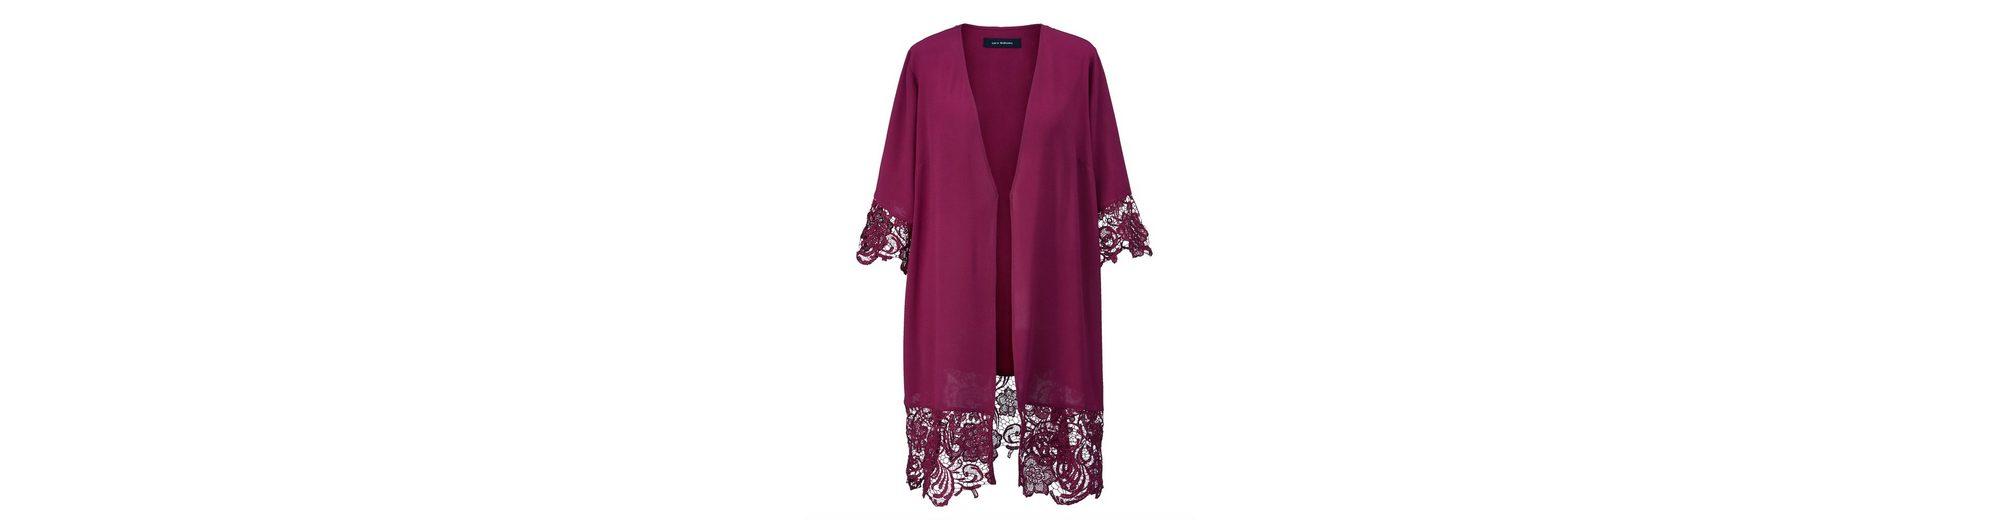 Verkauf Mit Mastercard Sara Lindholm by Happy Size Kimono mit Spitze Günstig Kaufen Am Besten Spielraum Ansicht 8OfLyOHOB